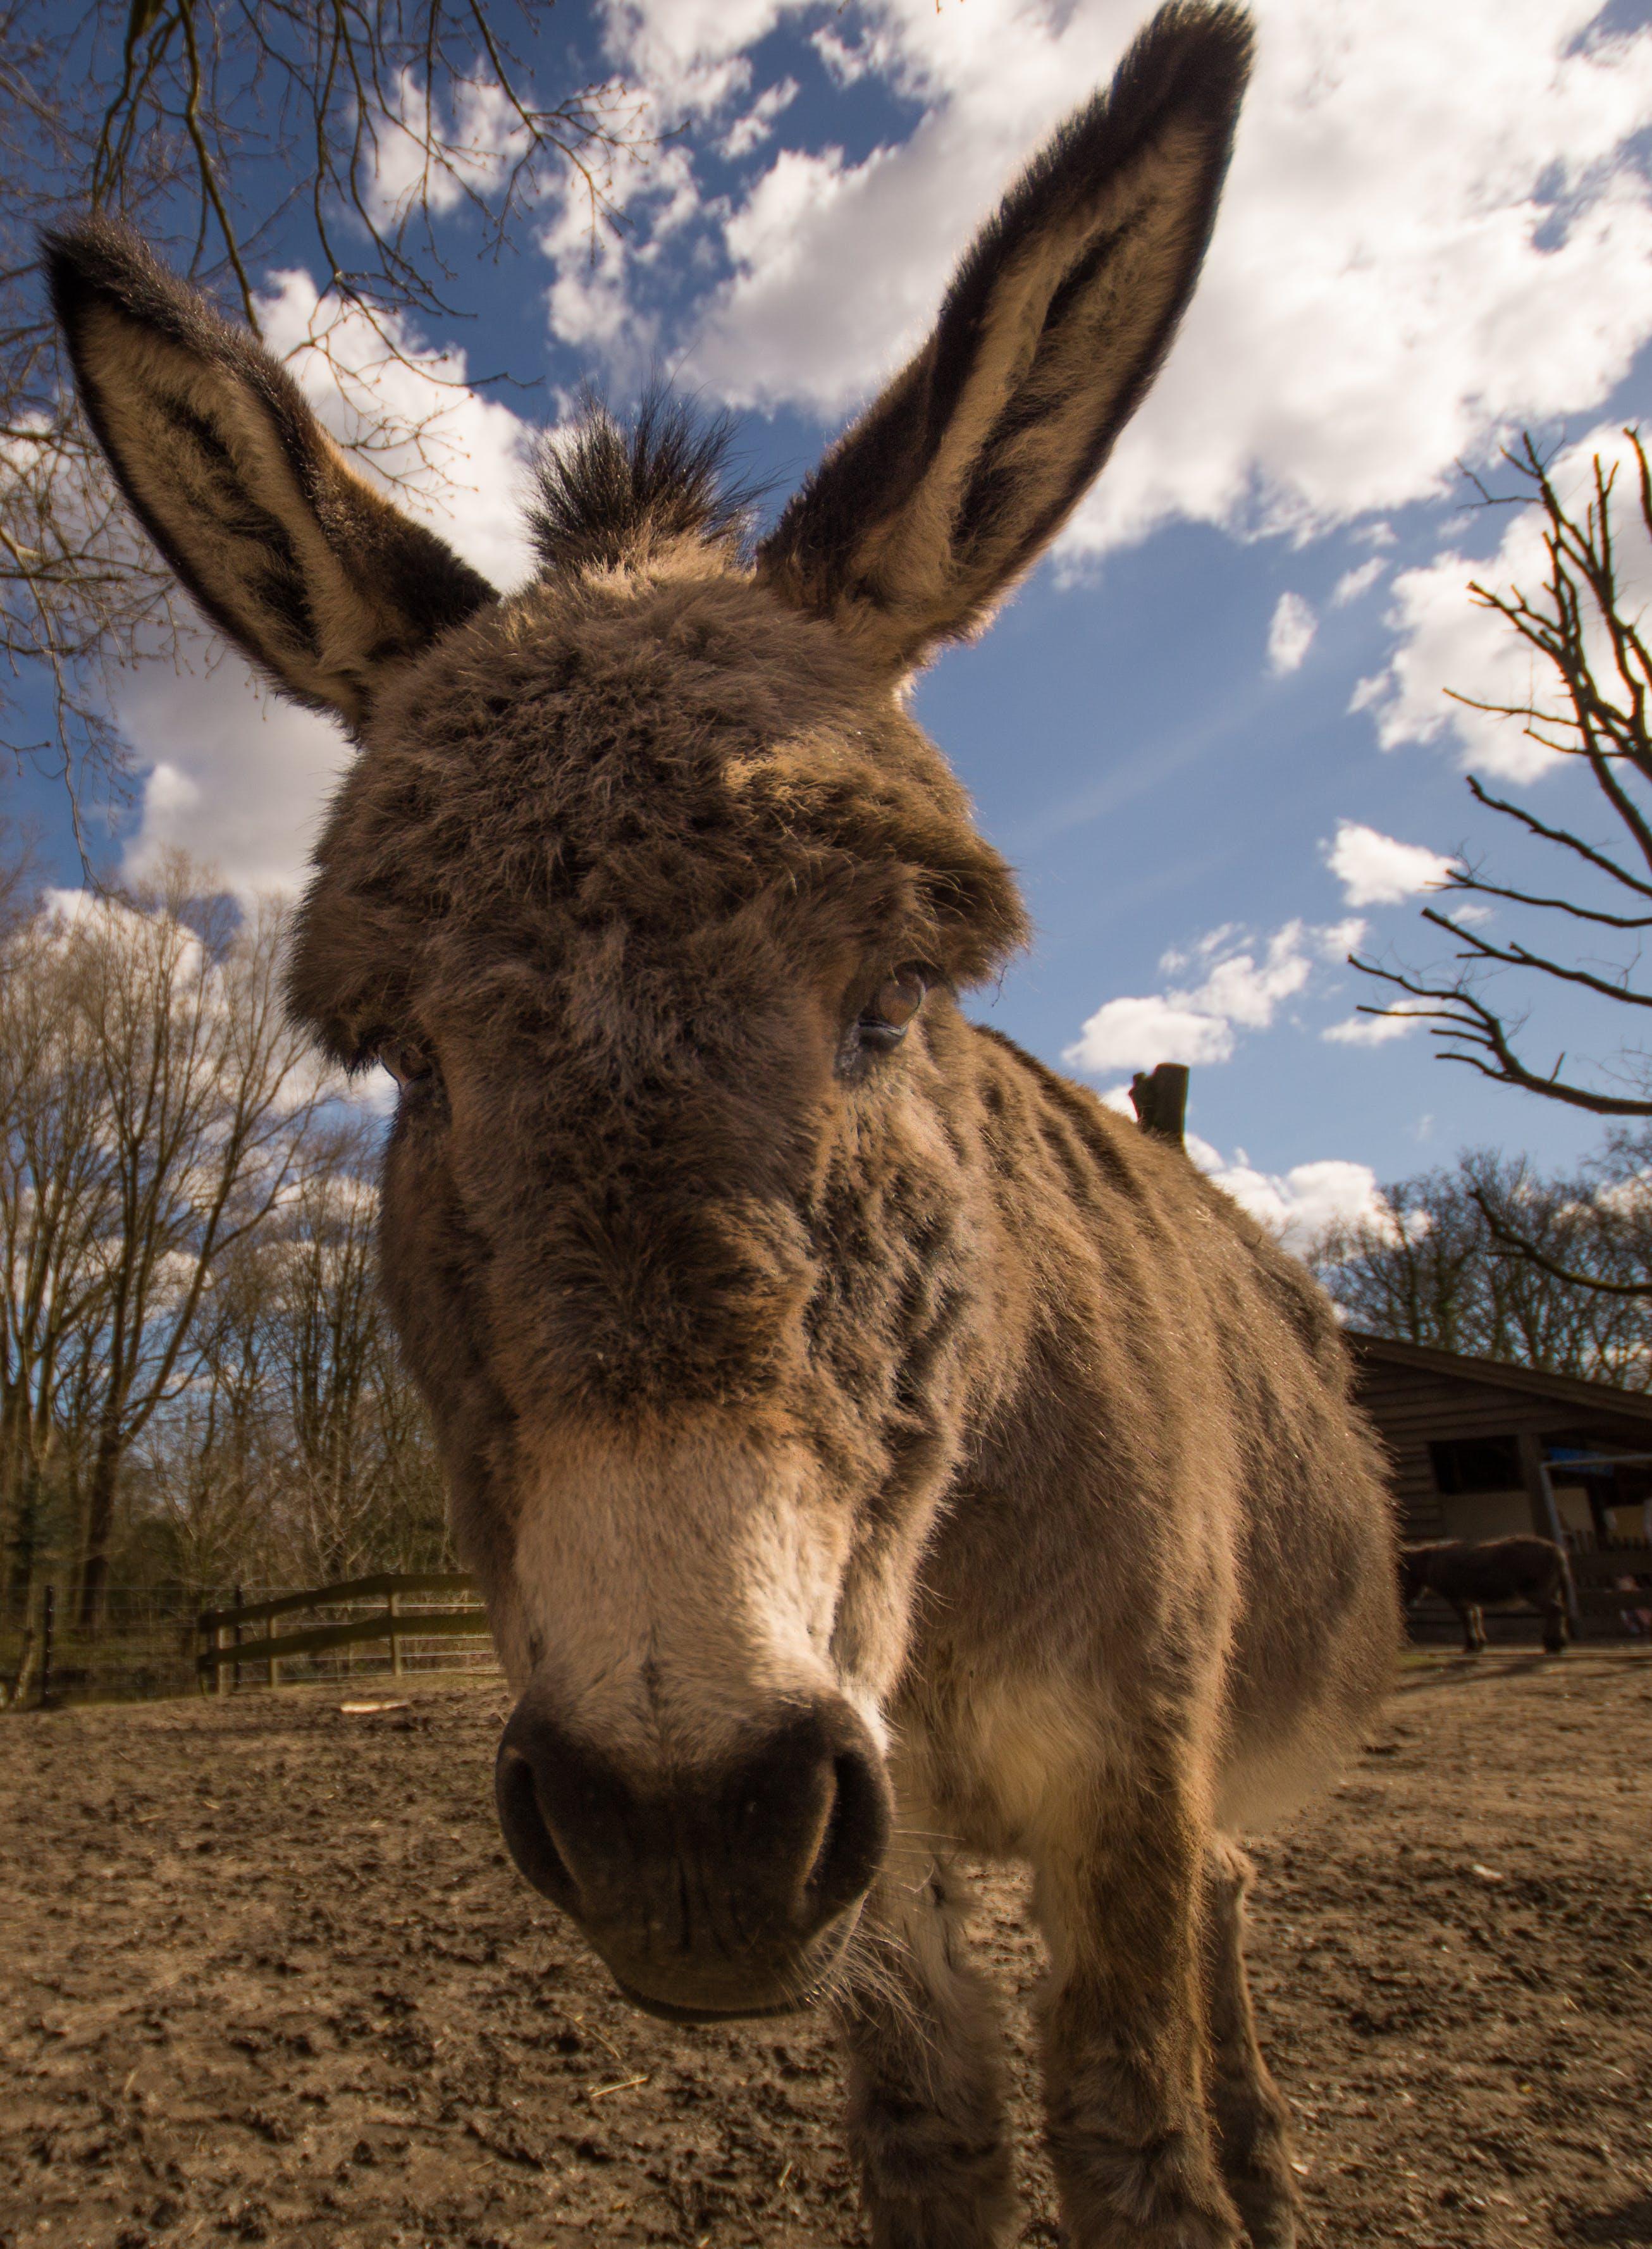 Free stock photo of animal, horse, fauna, donkey